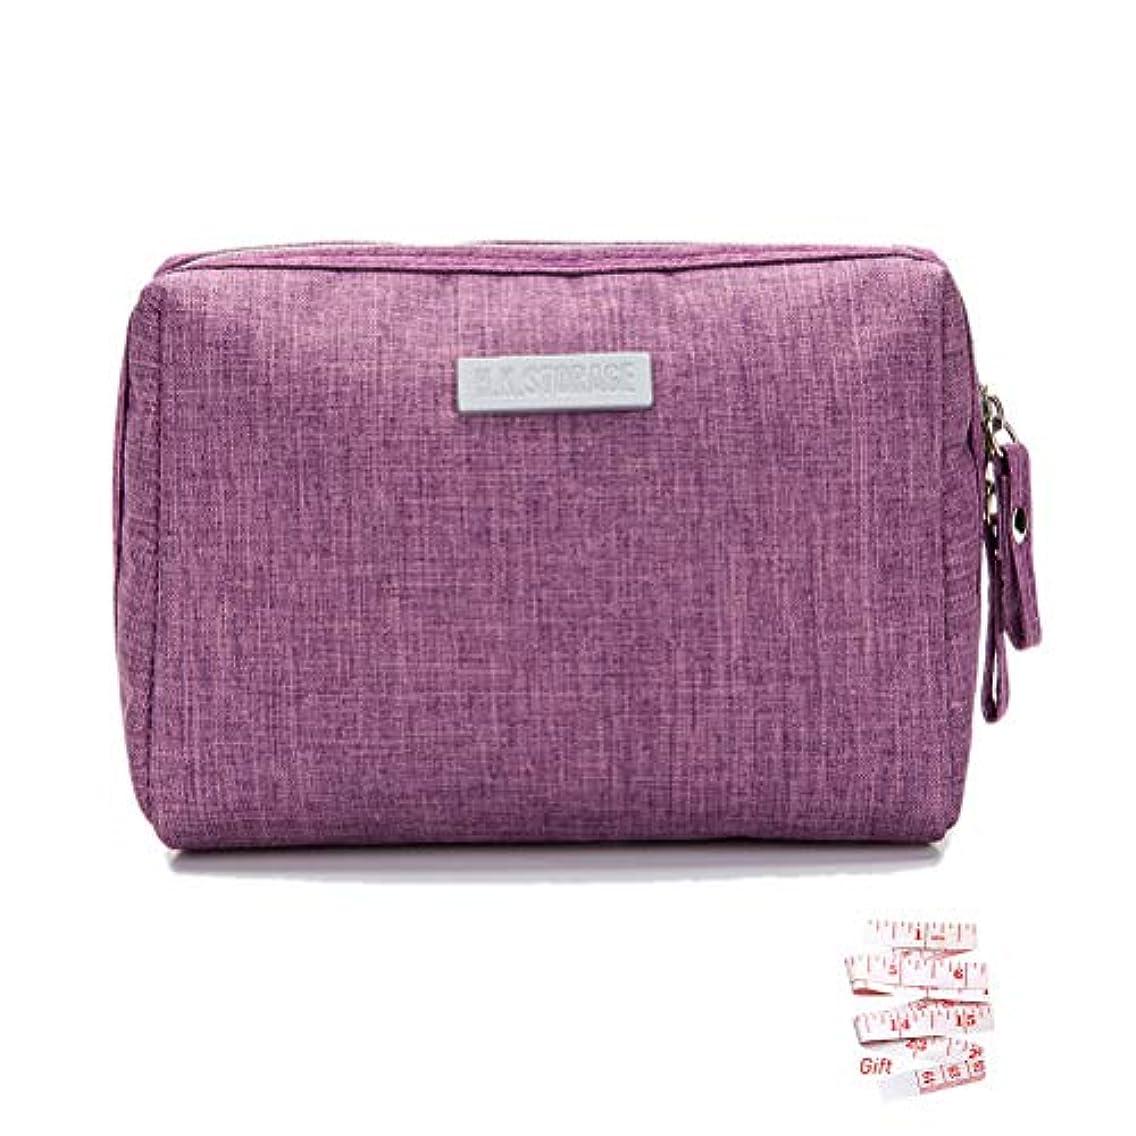 モード原子アルカイックKaitein 化粧ポーチ 大容量 超軽量 防水 化粧品収納ポーチ 旅行 出張 普段使い 化粧バッグ 紫